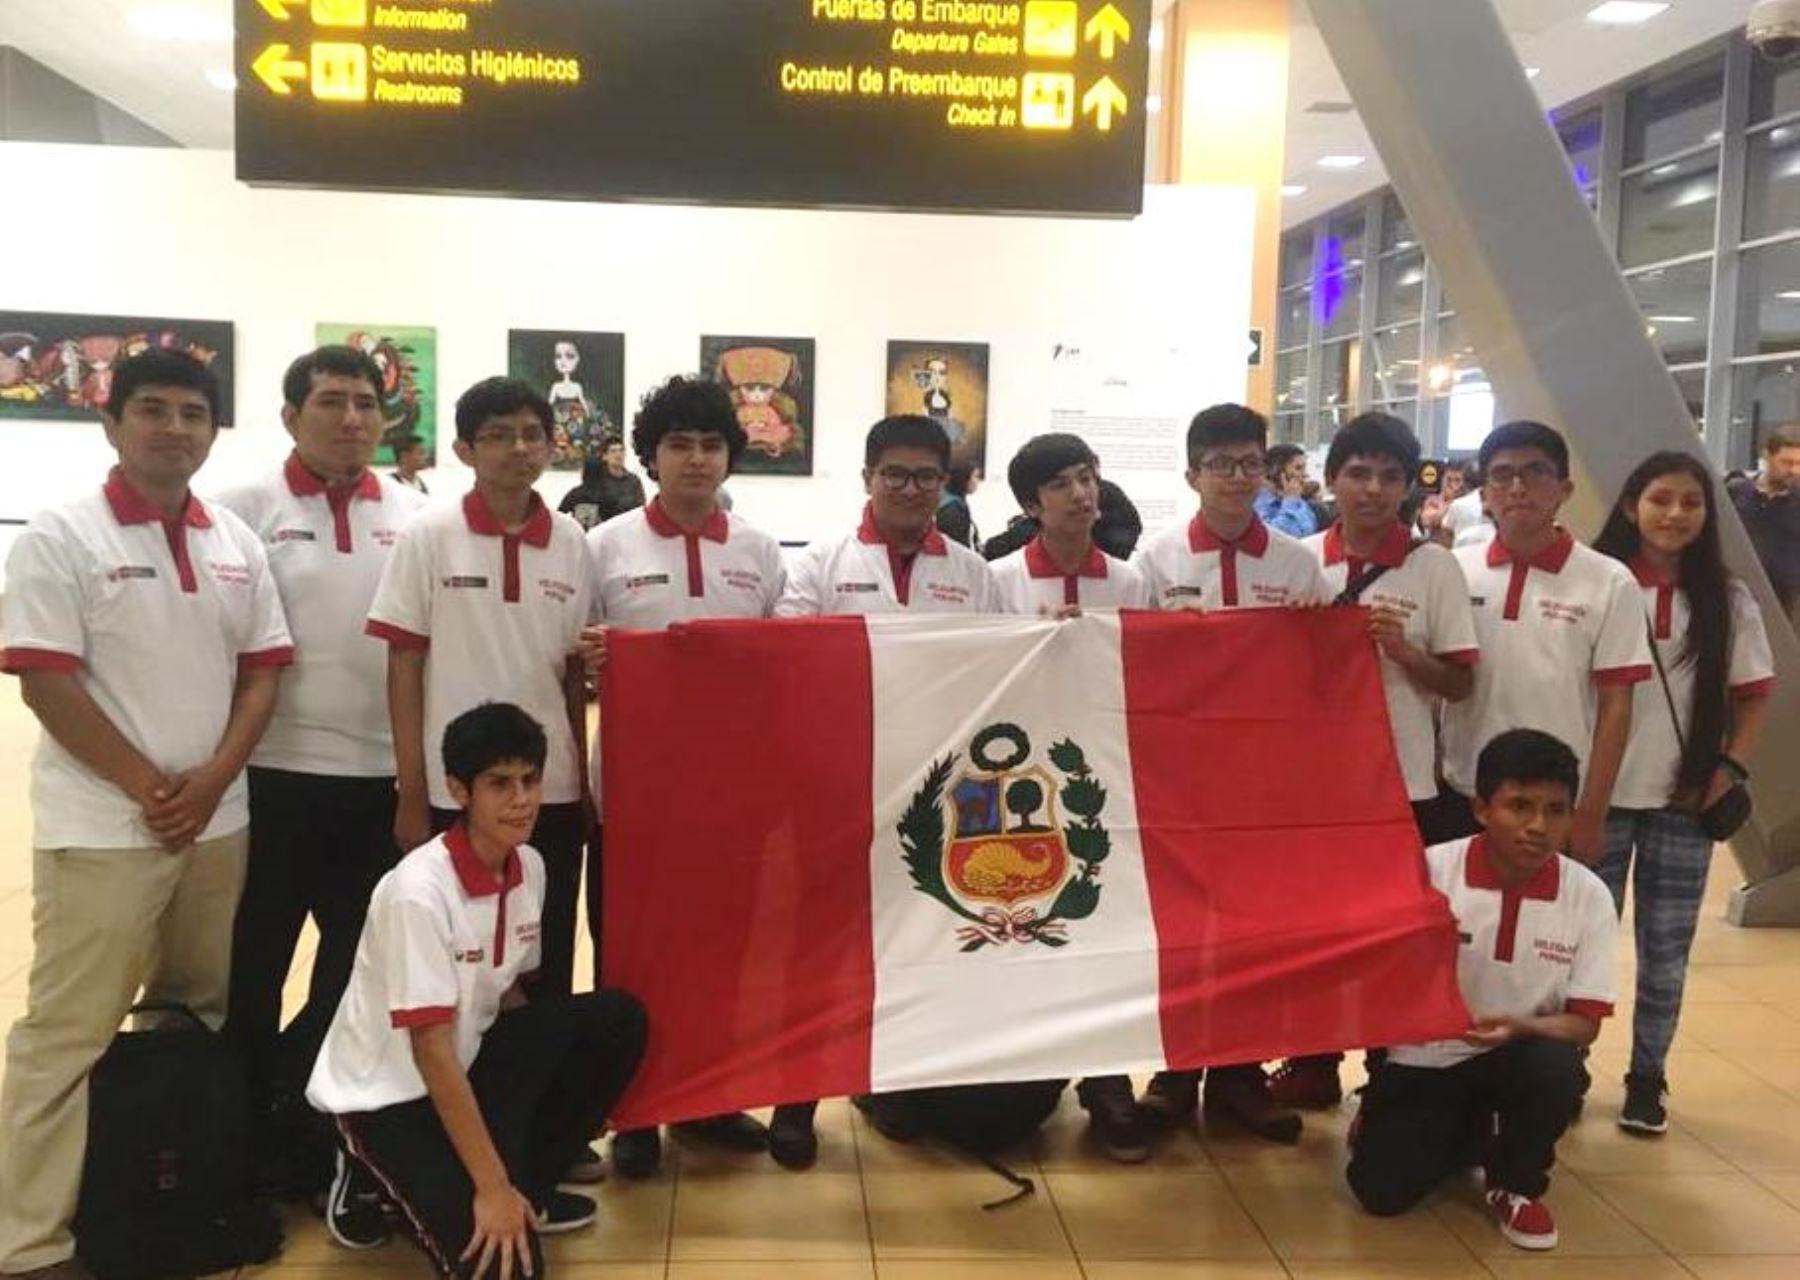 Escolares peruanos se coronan campeones internacionales de matemática. Foto: ANDINA/Difusión.